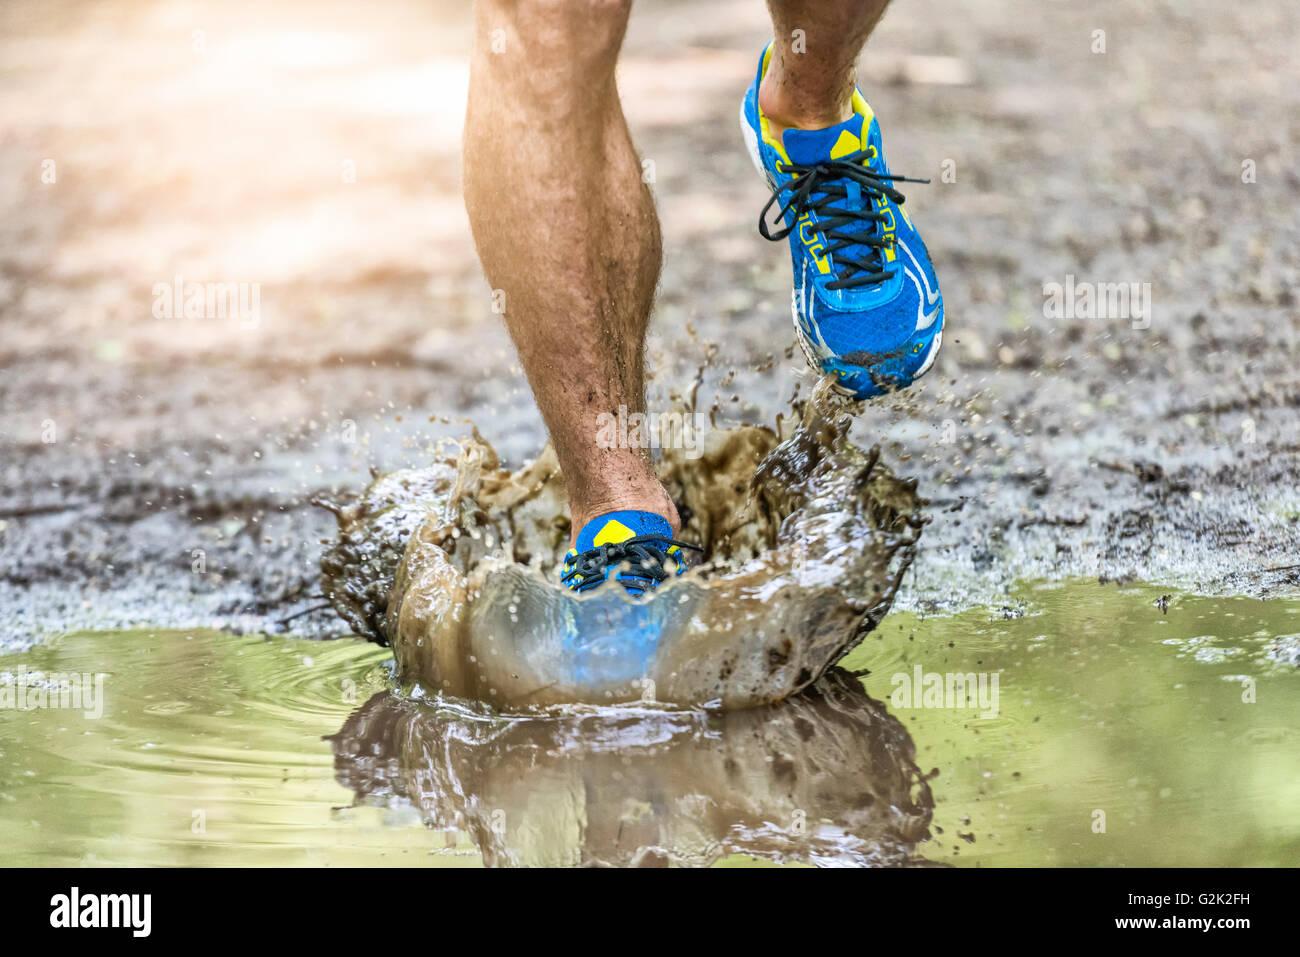 Mann geht in eine Pfütze planschen seine Schuhe läuft. Cross Country Trail. Frieren Aktion ein Stockbild